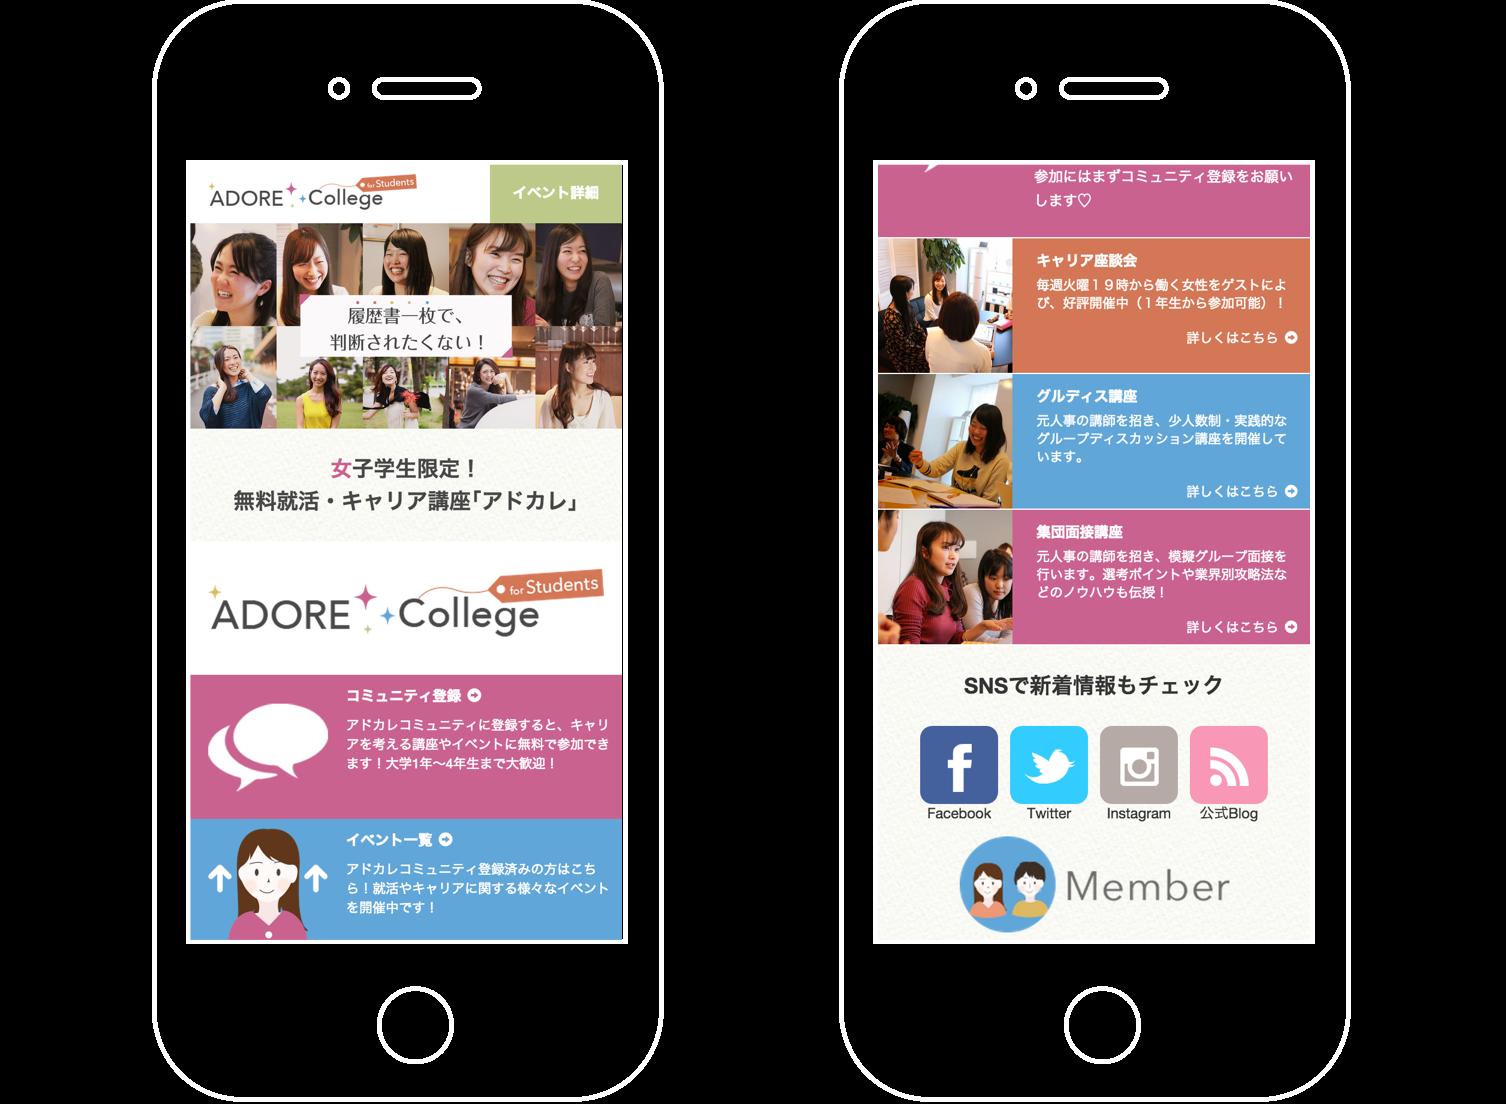 女子学生向けキャリア支援サービスLPスマホ版スクリーンショット